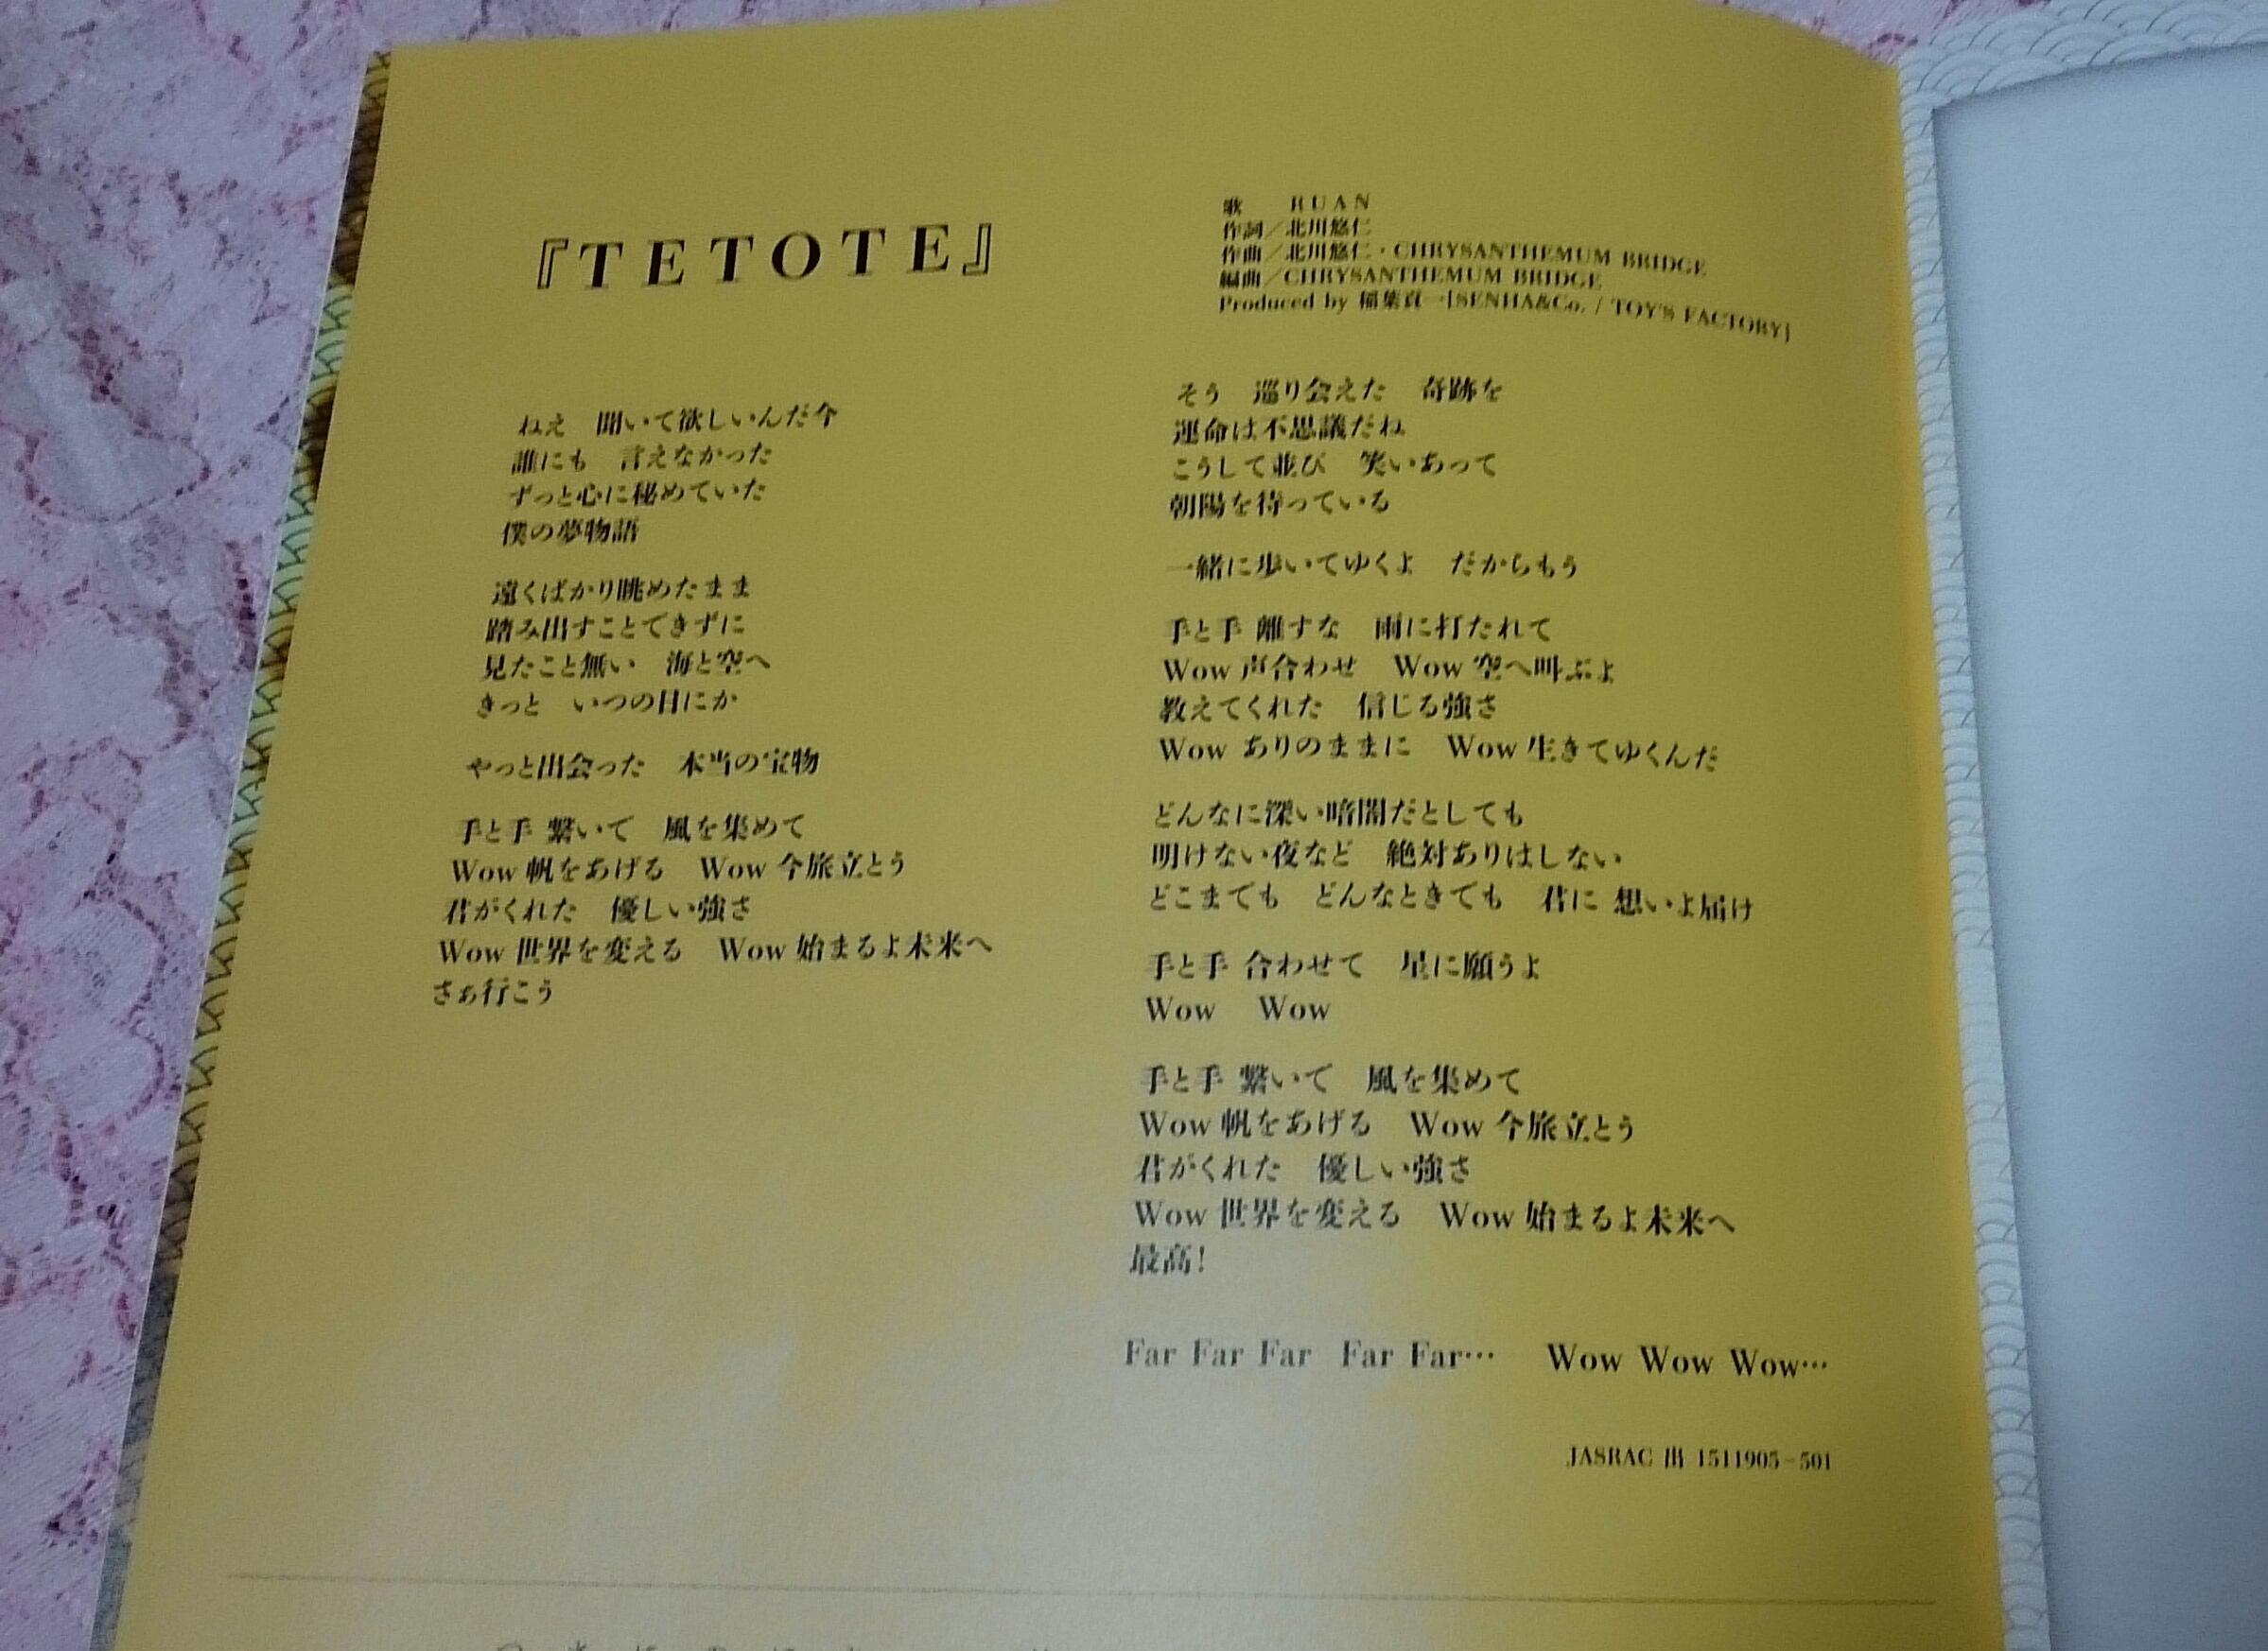 TET0TE] 歌詞